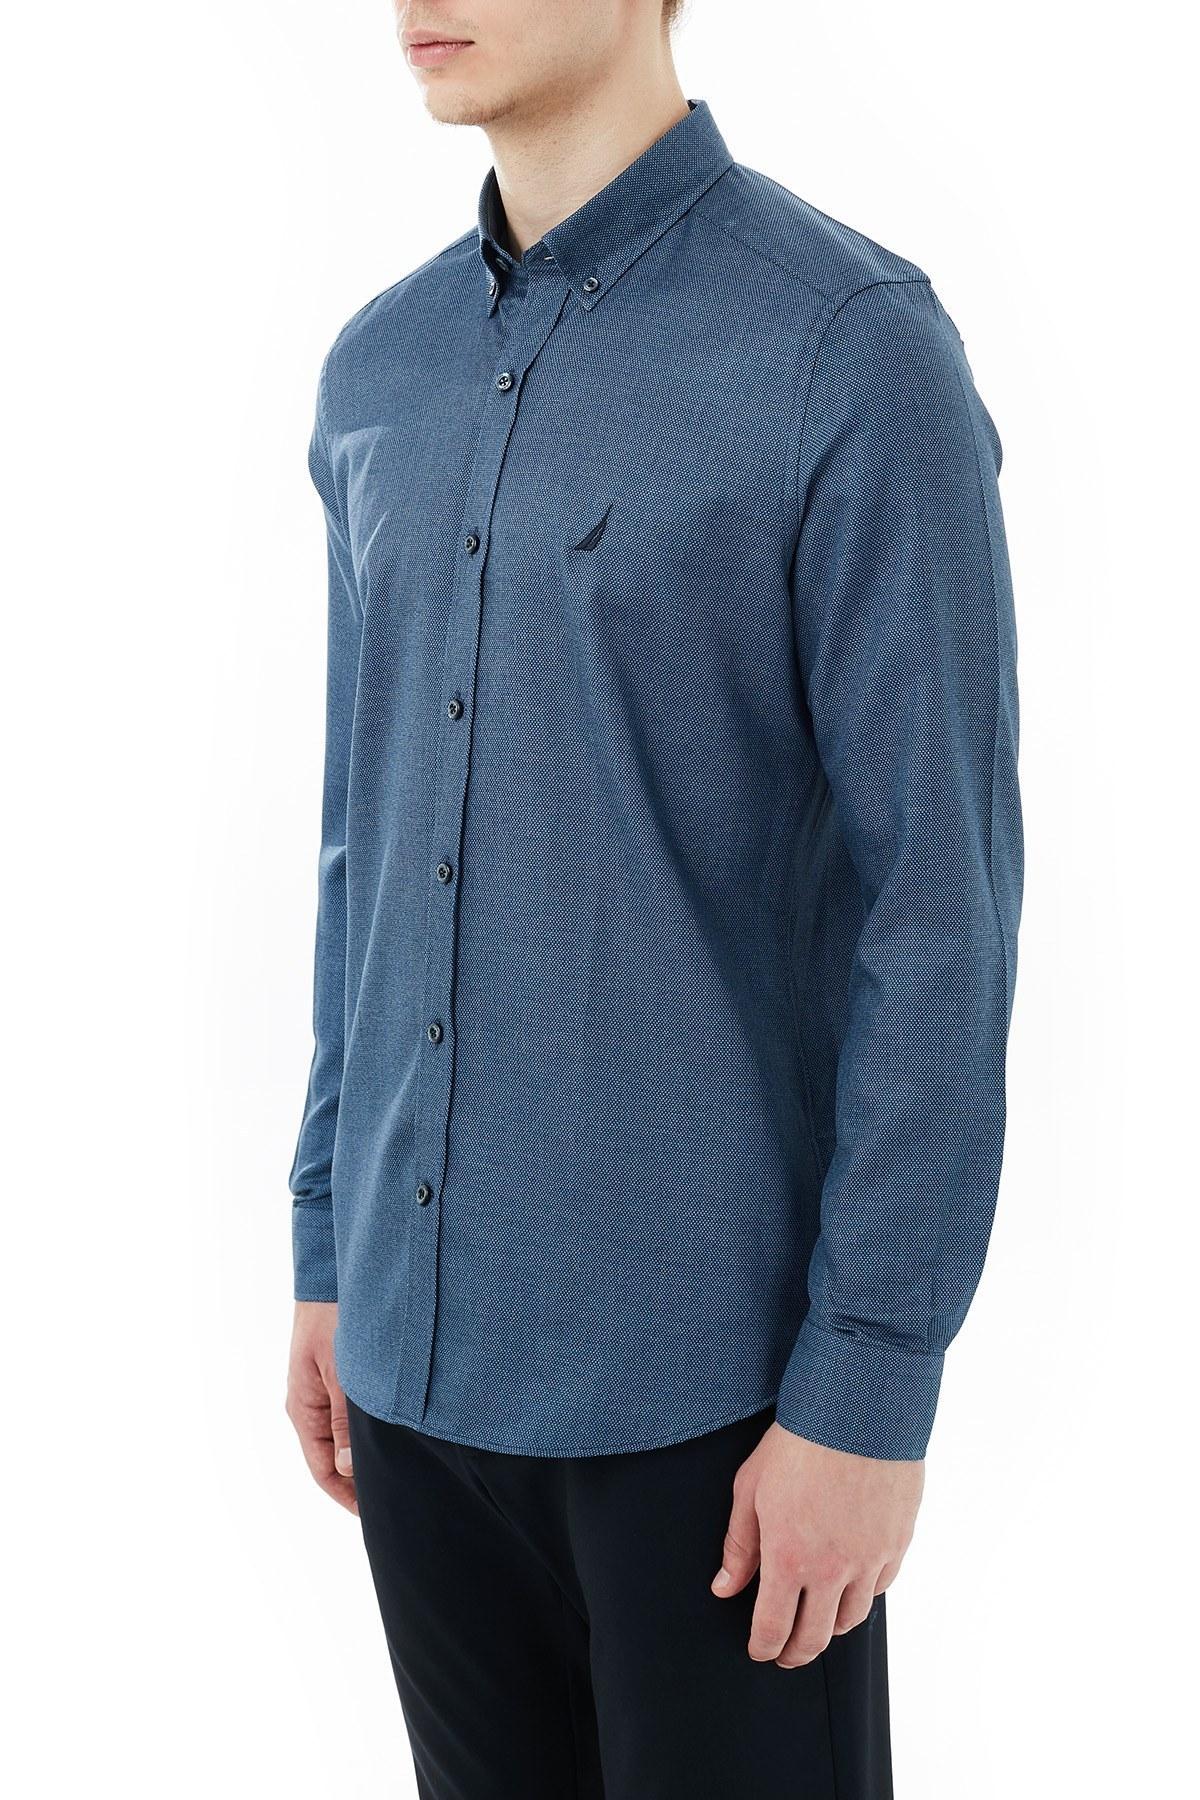 Nautica % 100 Pamuklu Düğmeli Yaka Erkek Gömlek W03010T 4NV LACİVERT